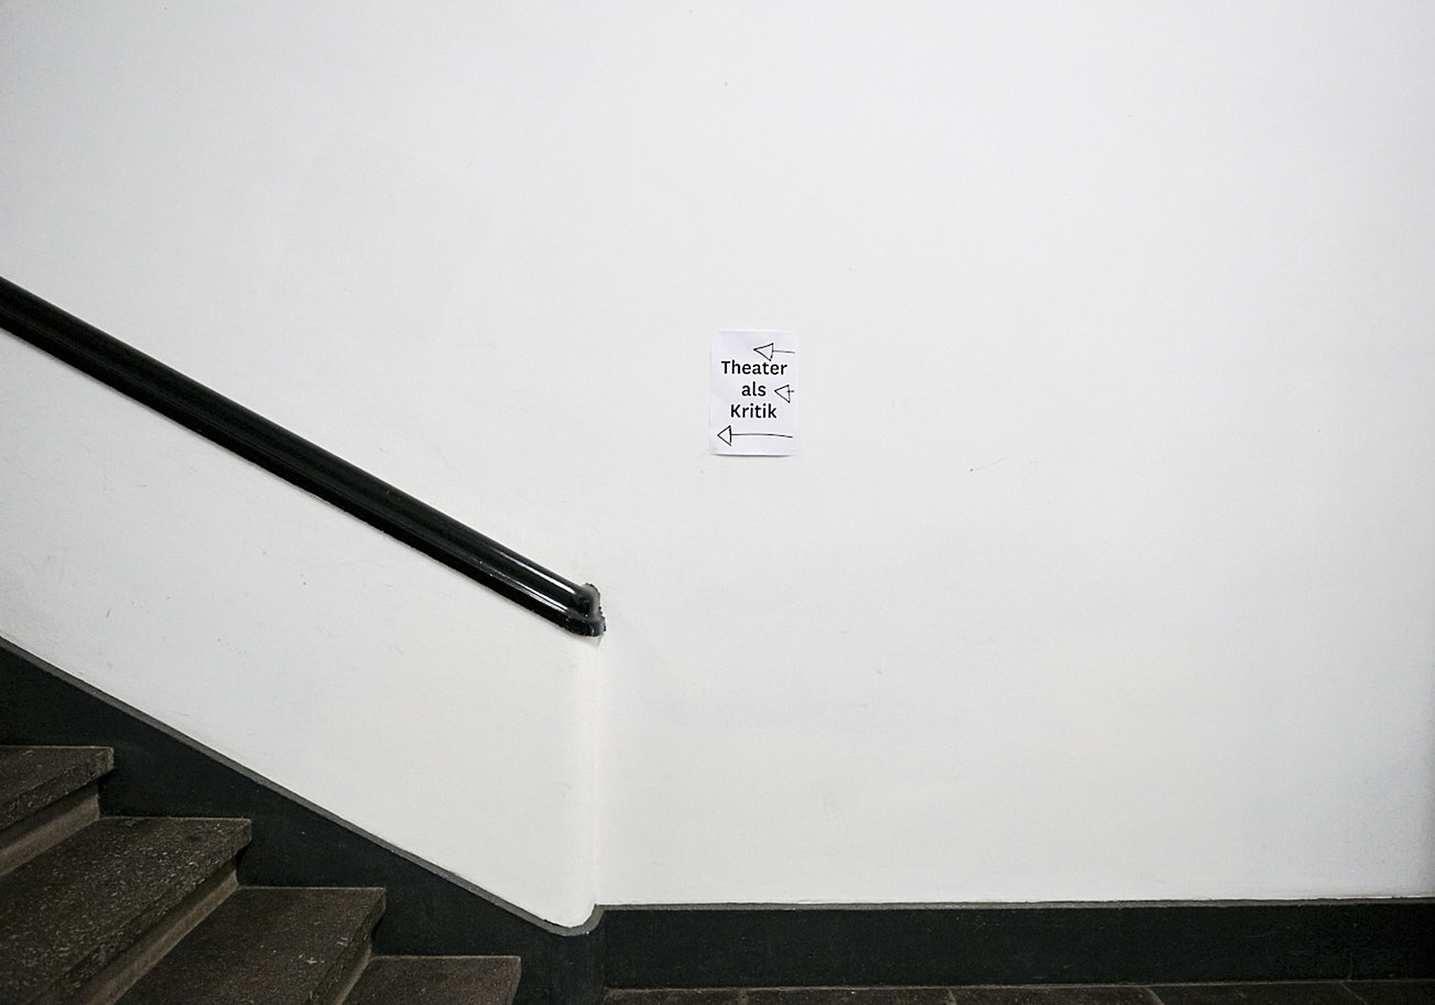 theater-as-critique-sheet-1435x1004px